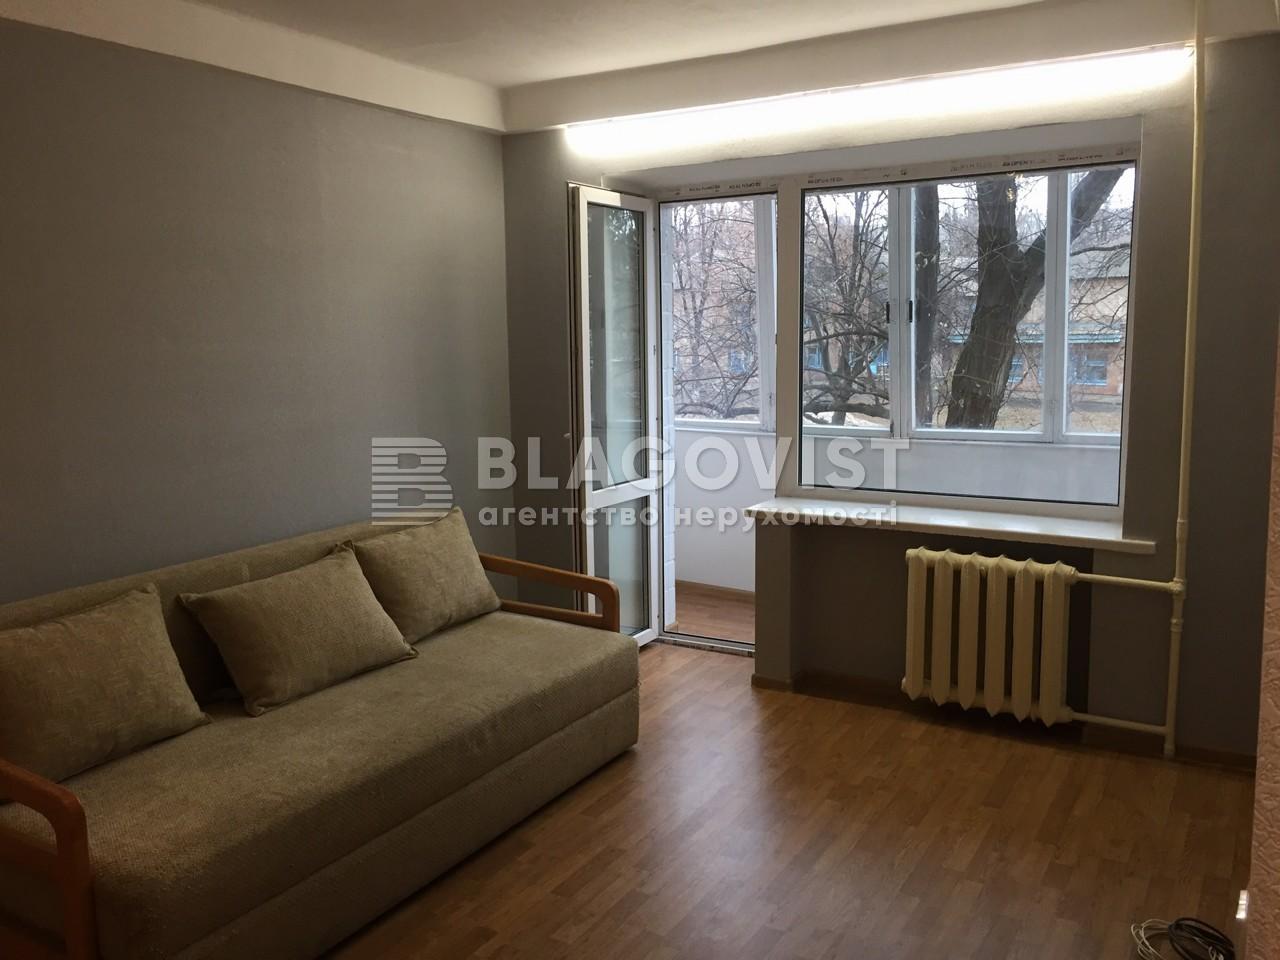 Квартира R-2074, Братиславская, 14, Киев - Фото 5